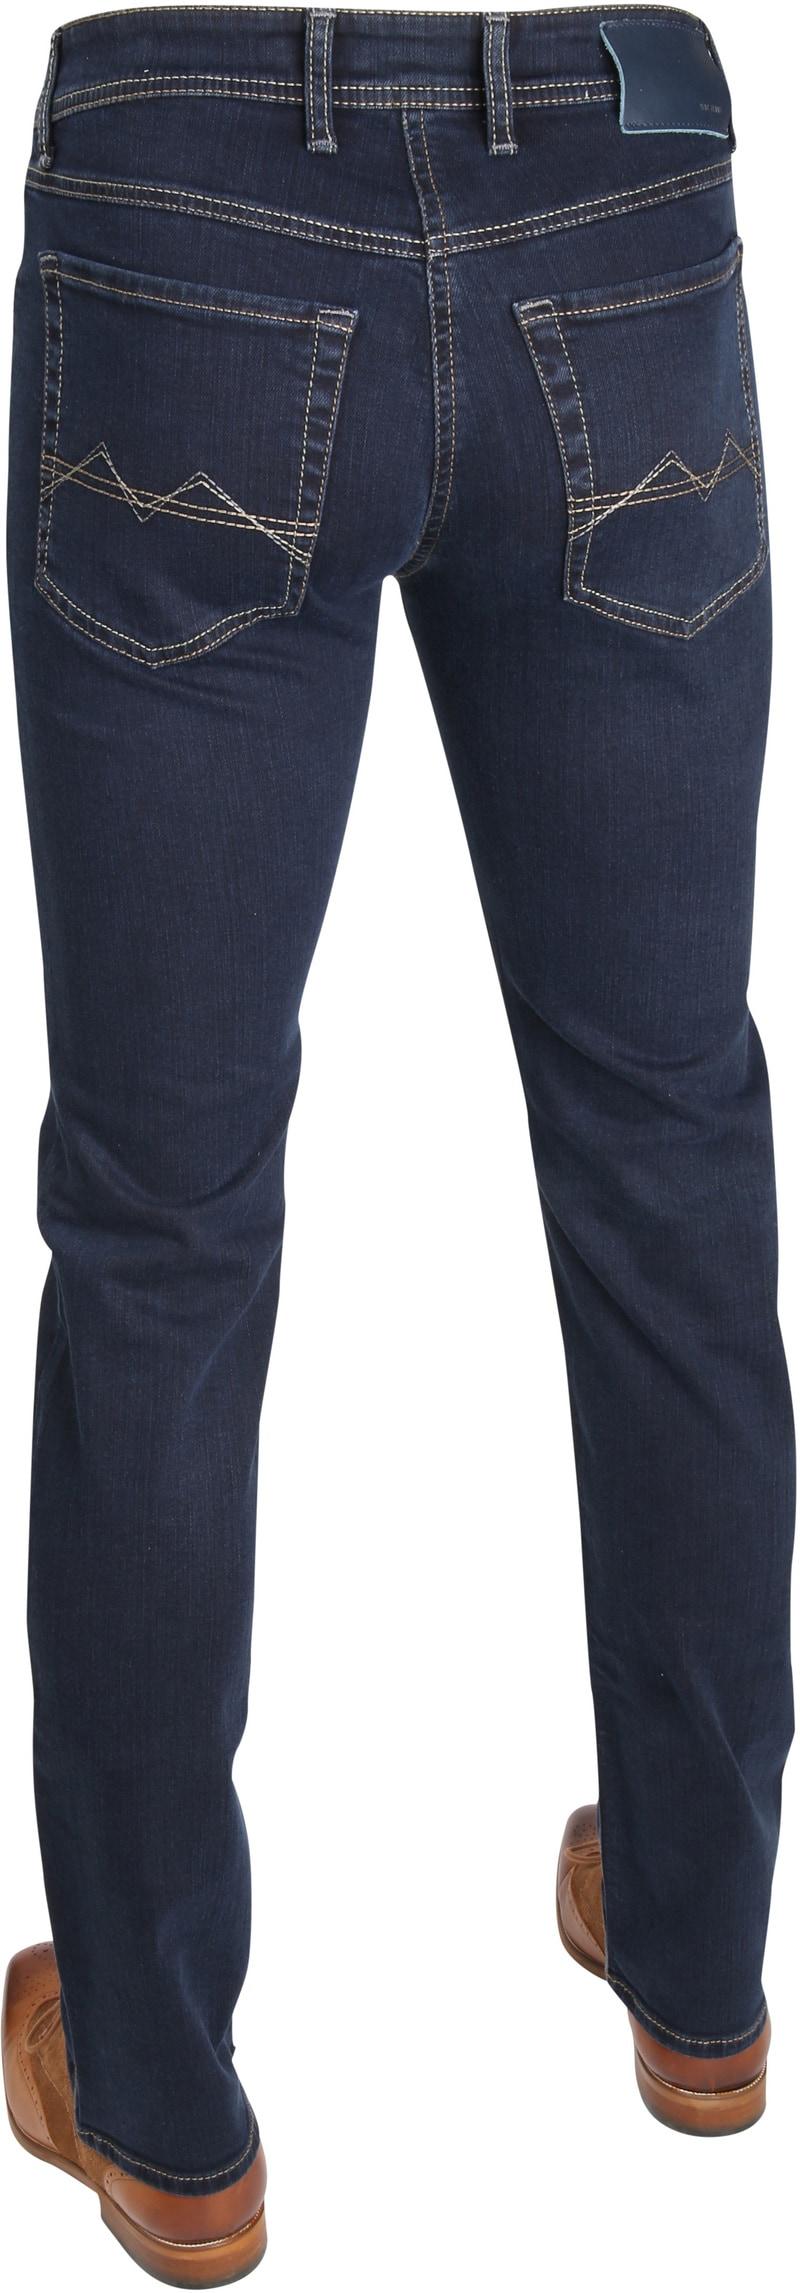 Mac Jeans Arne Stretch Blue Black H799 photo 3